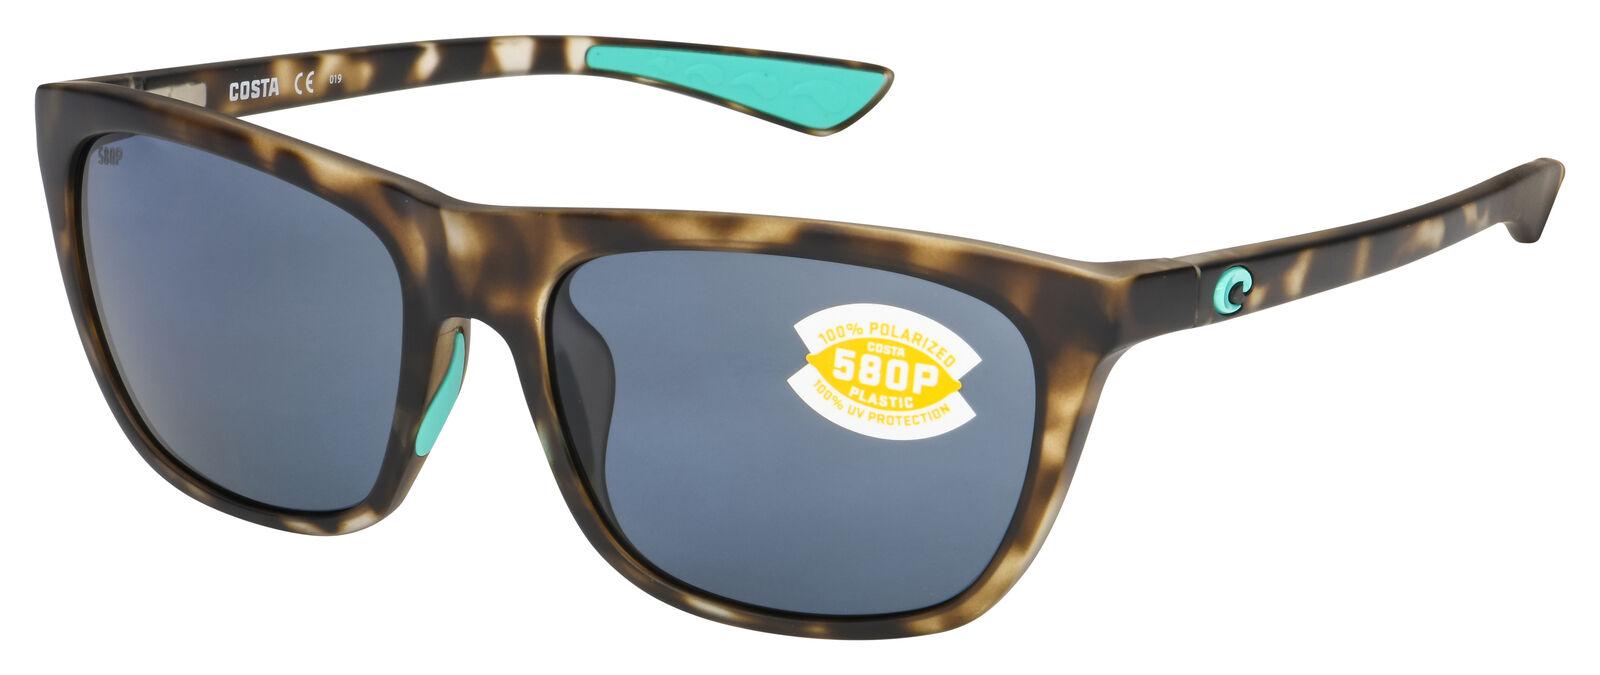 f25c56e6033ae Costa Del Mar Cheeca Polarized Sunglasses Tortoise Gray 580p Cha 249 OGP  for sale online